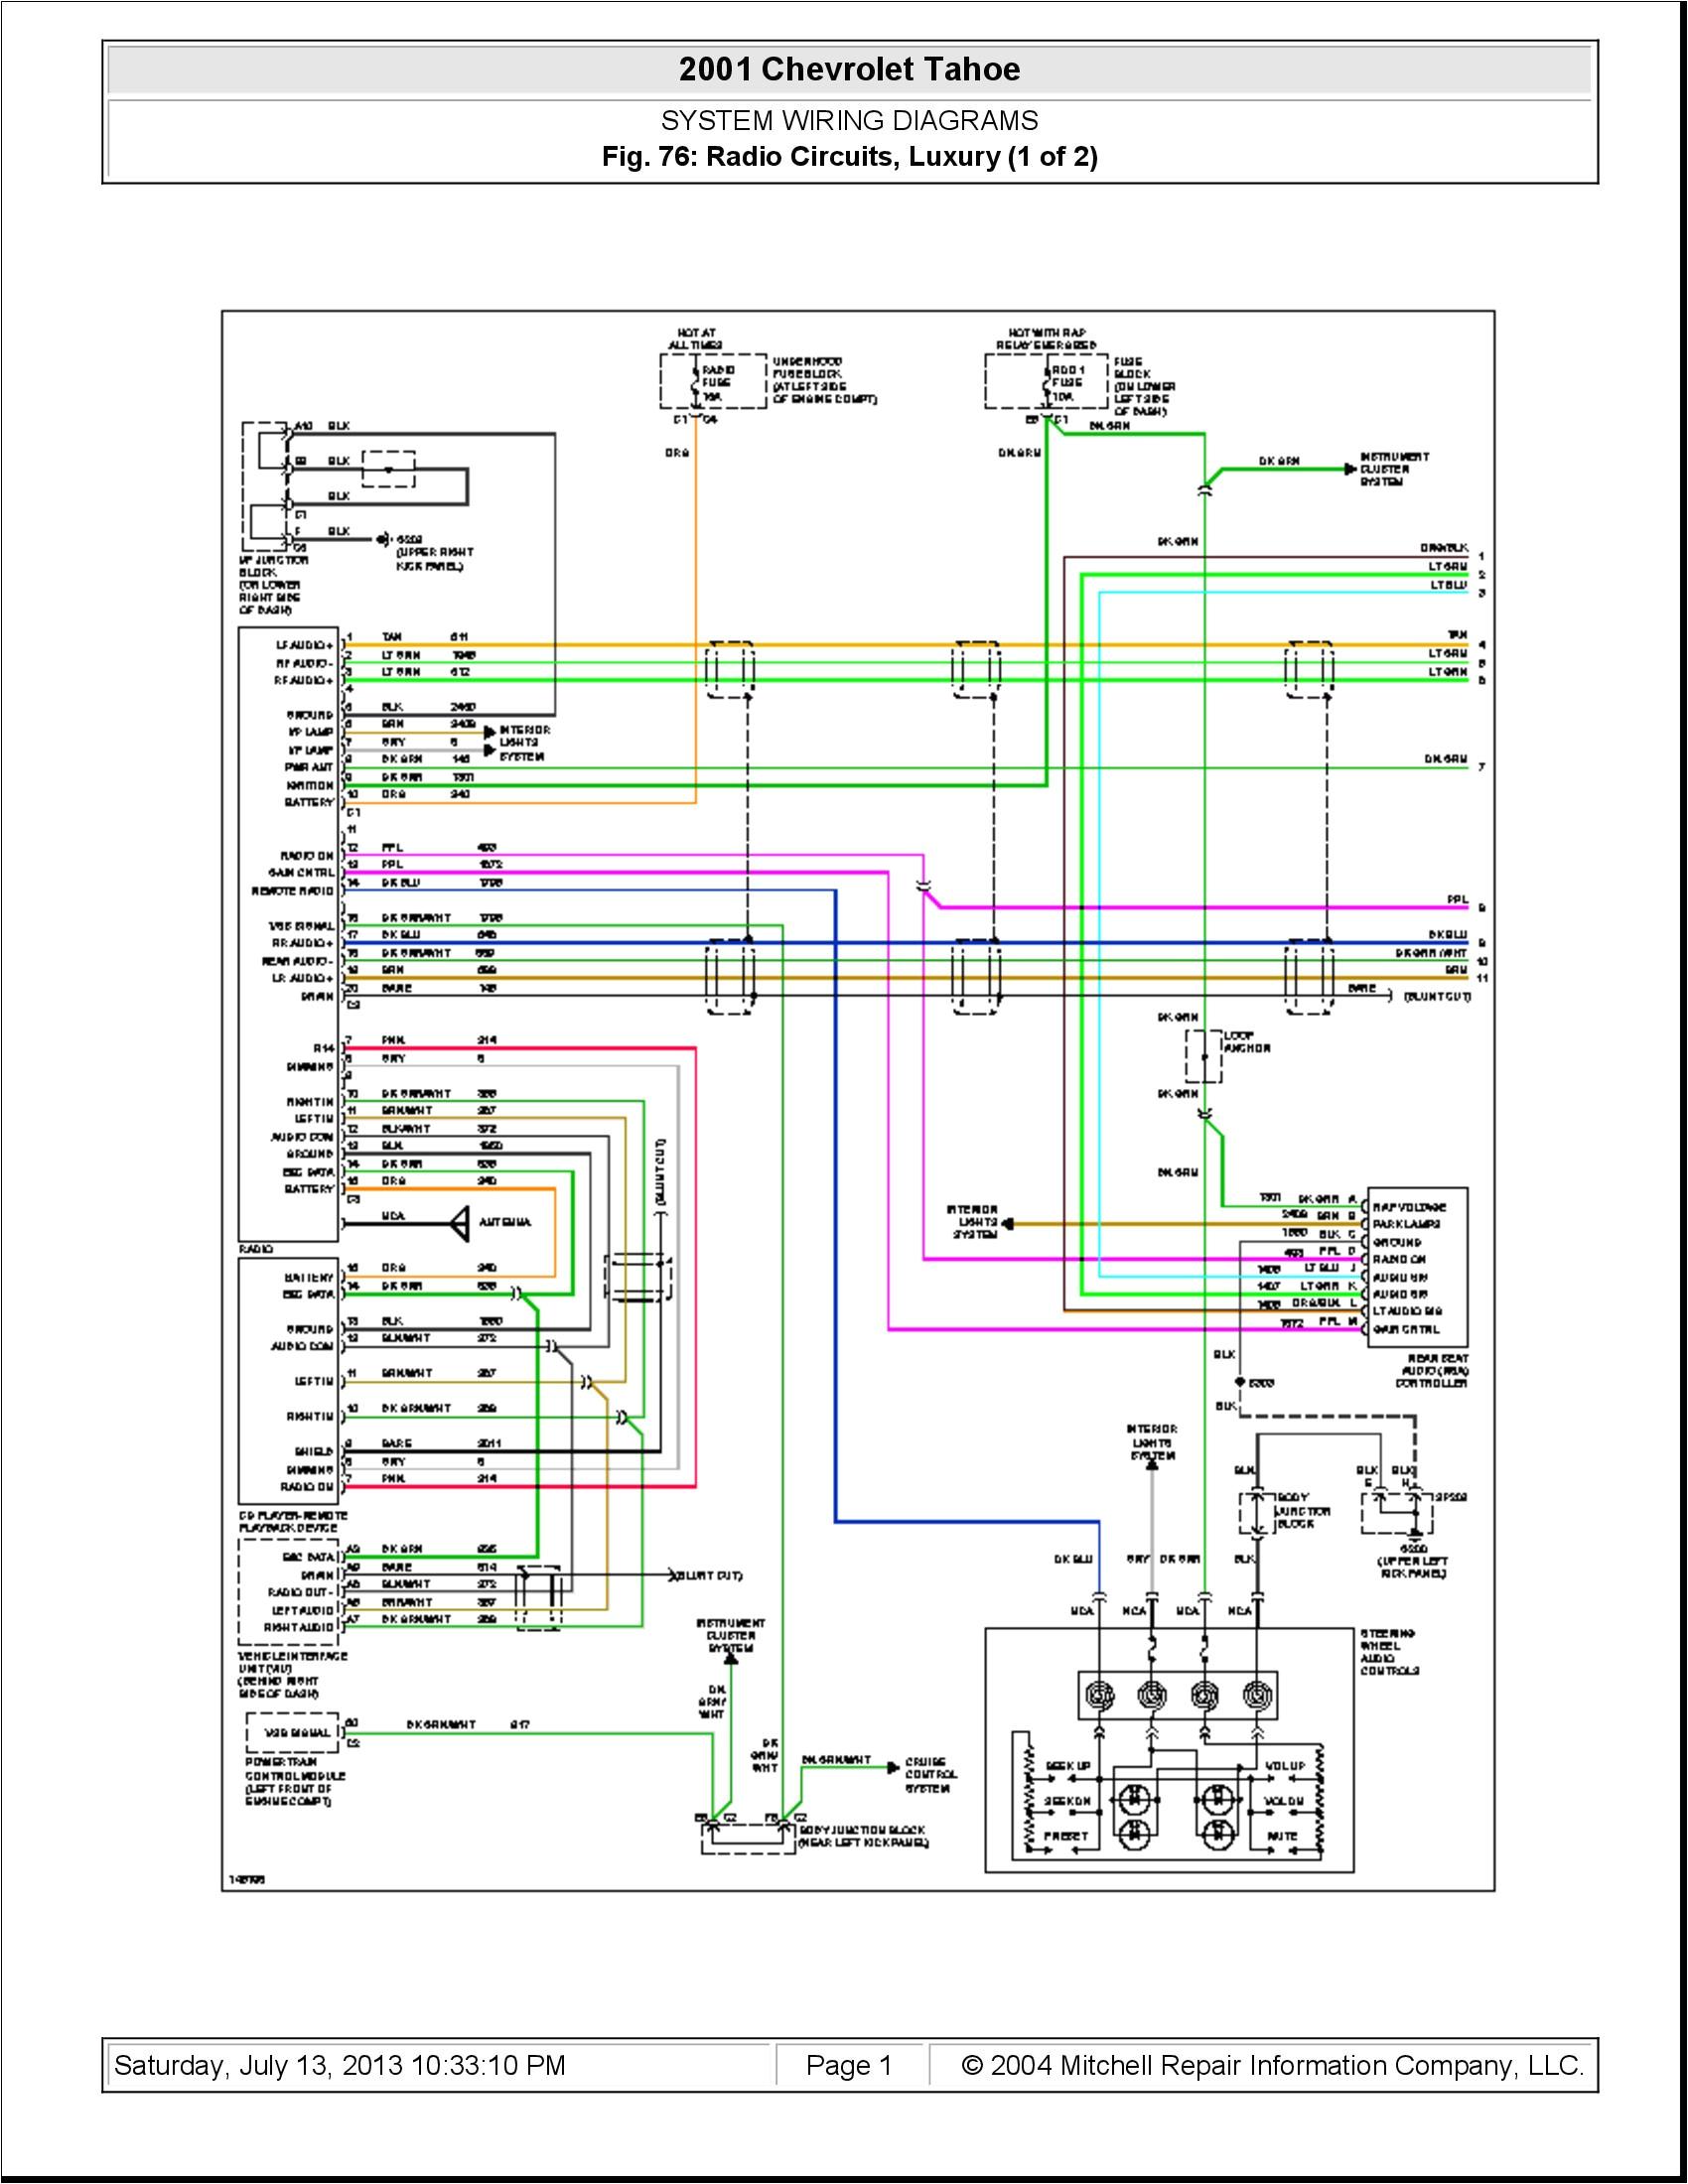 96 tahoe 02 wiring diagram wiring diagram world 96 chevy tahoe electrical diagram wiring diagram expert